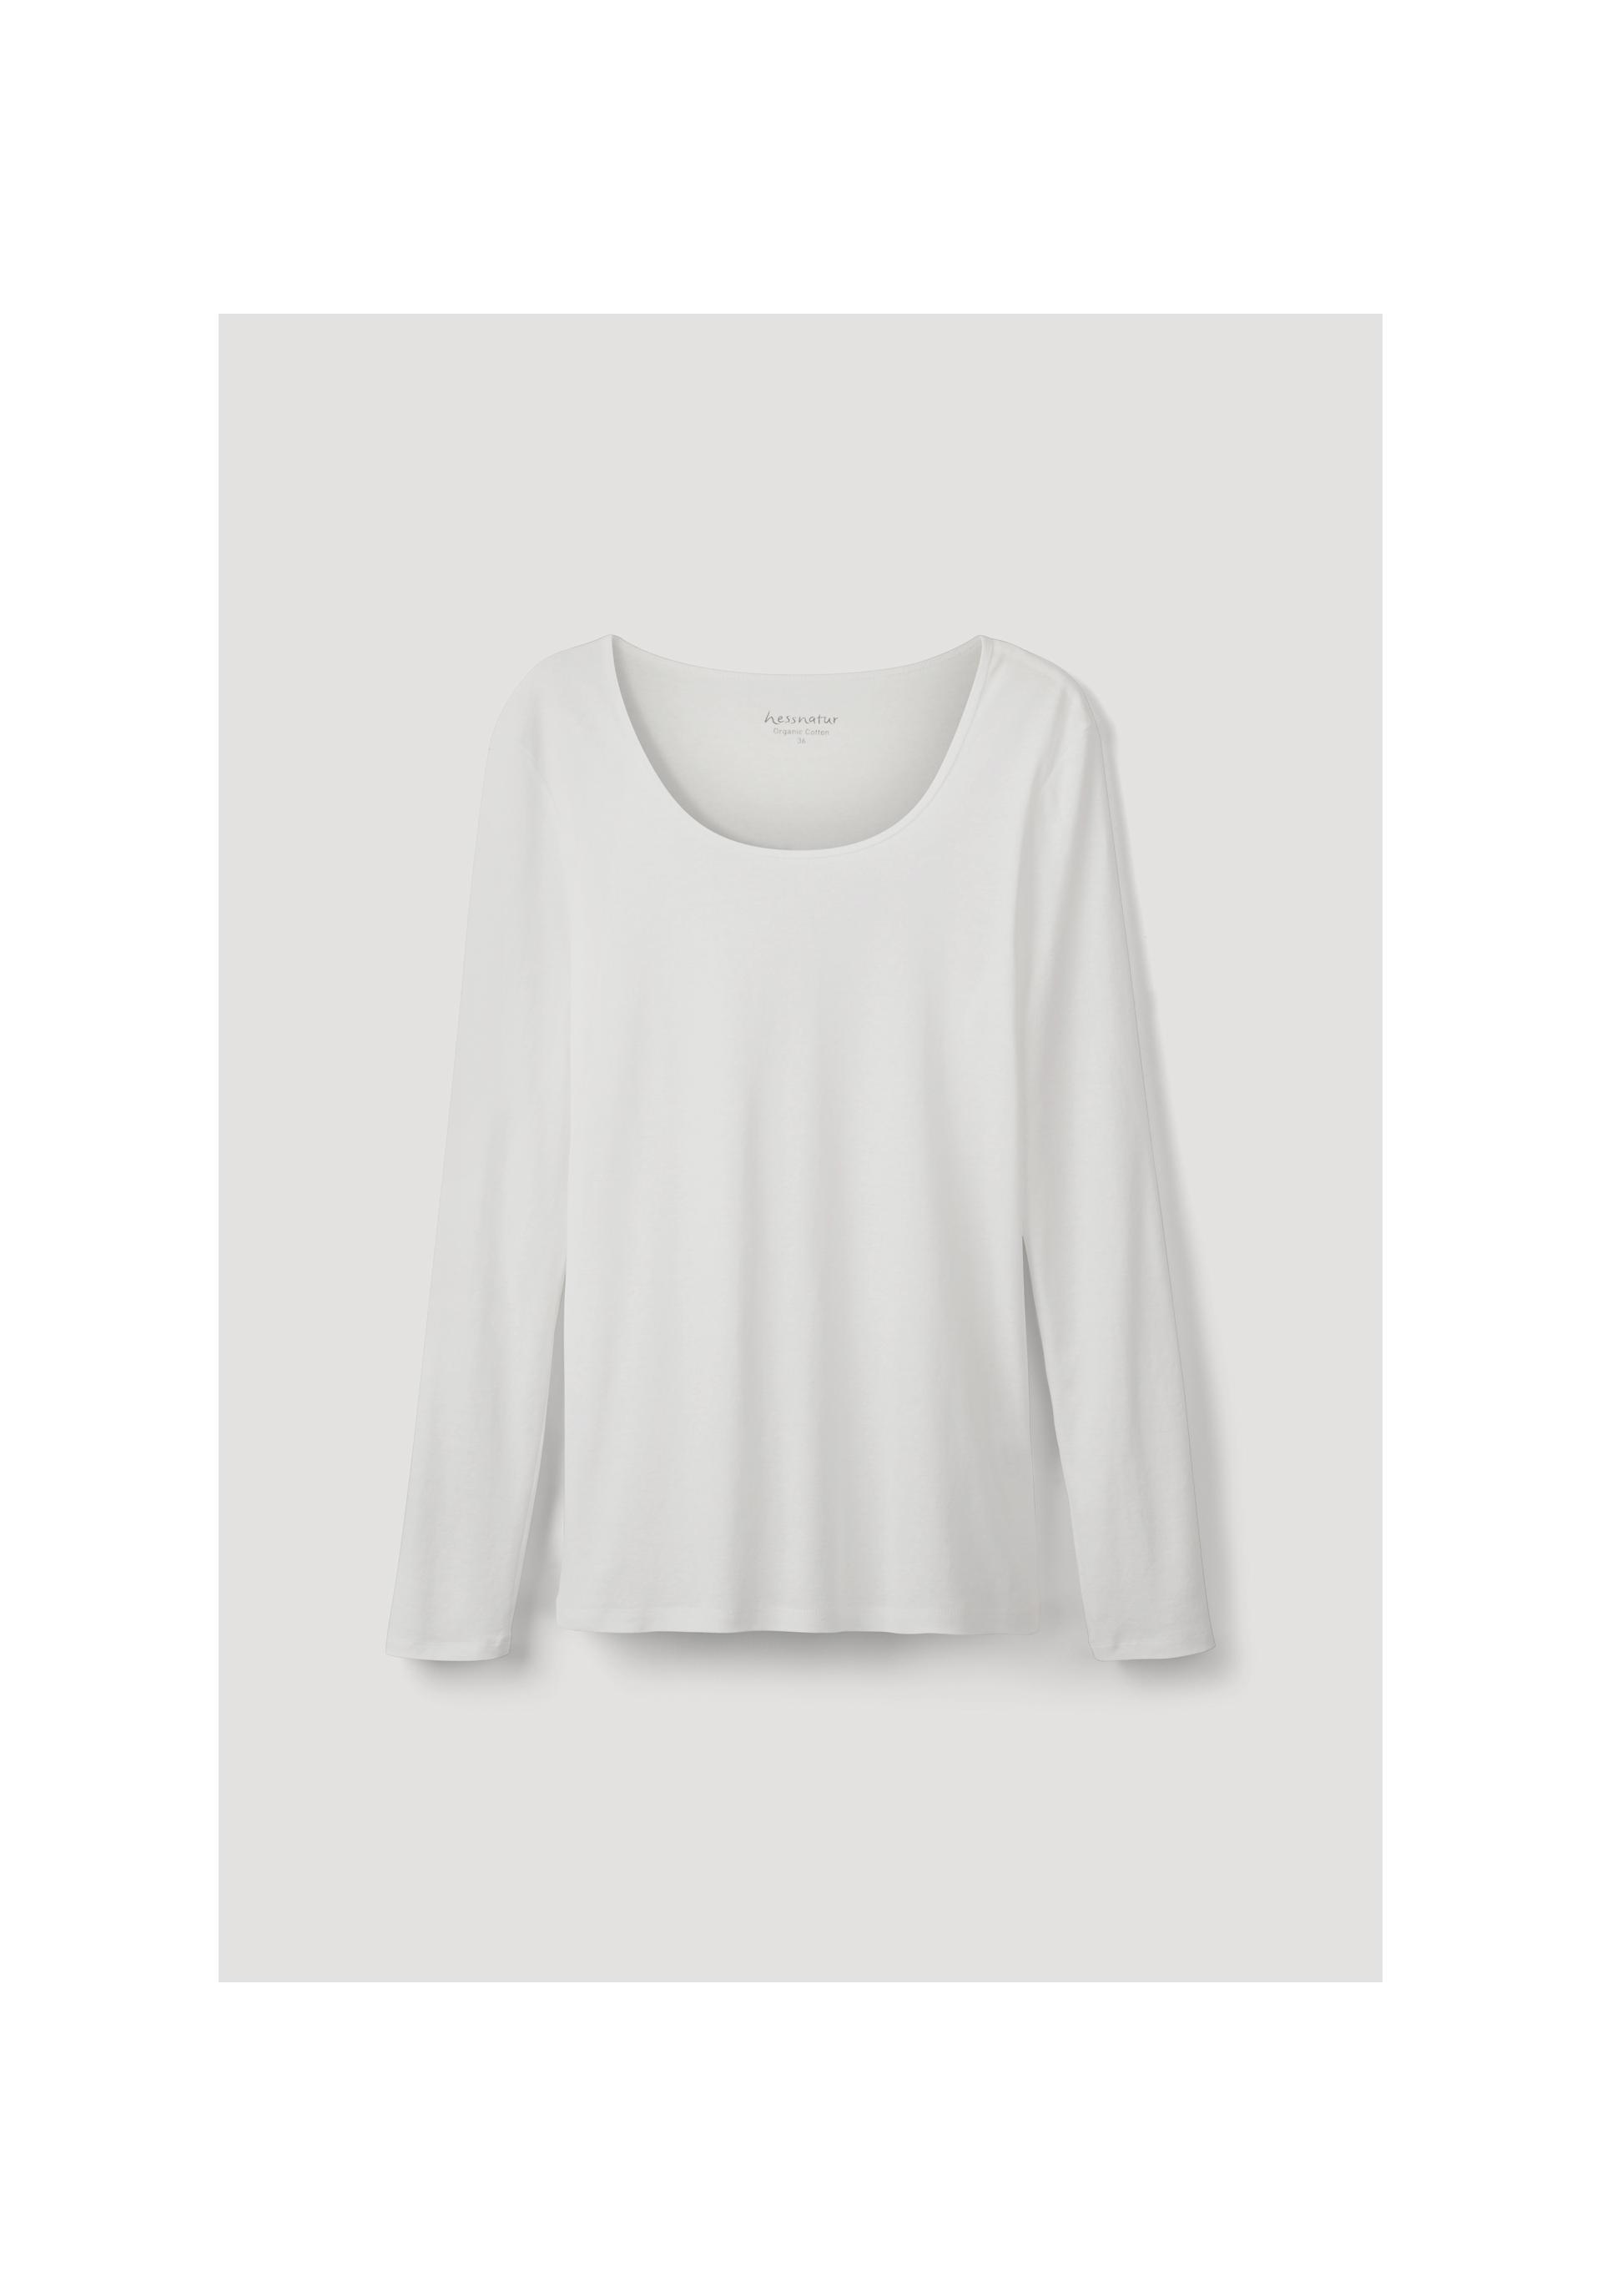 2ee6ca44dc42c1 Langarm-Shirt aus reiner Bio-Baumwolle - hessnatur Deutschland